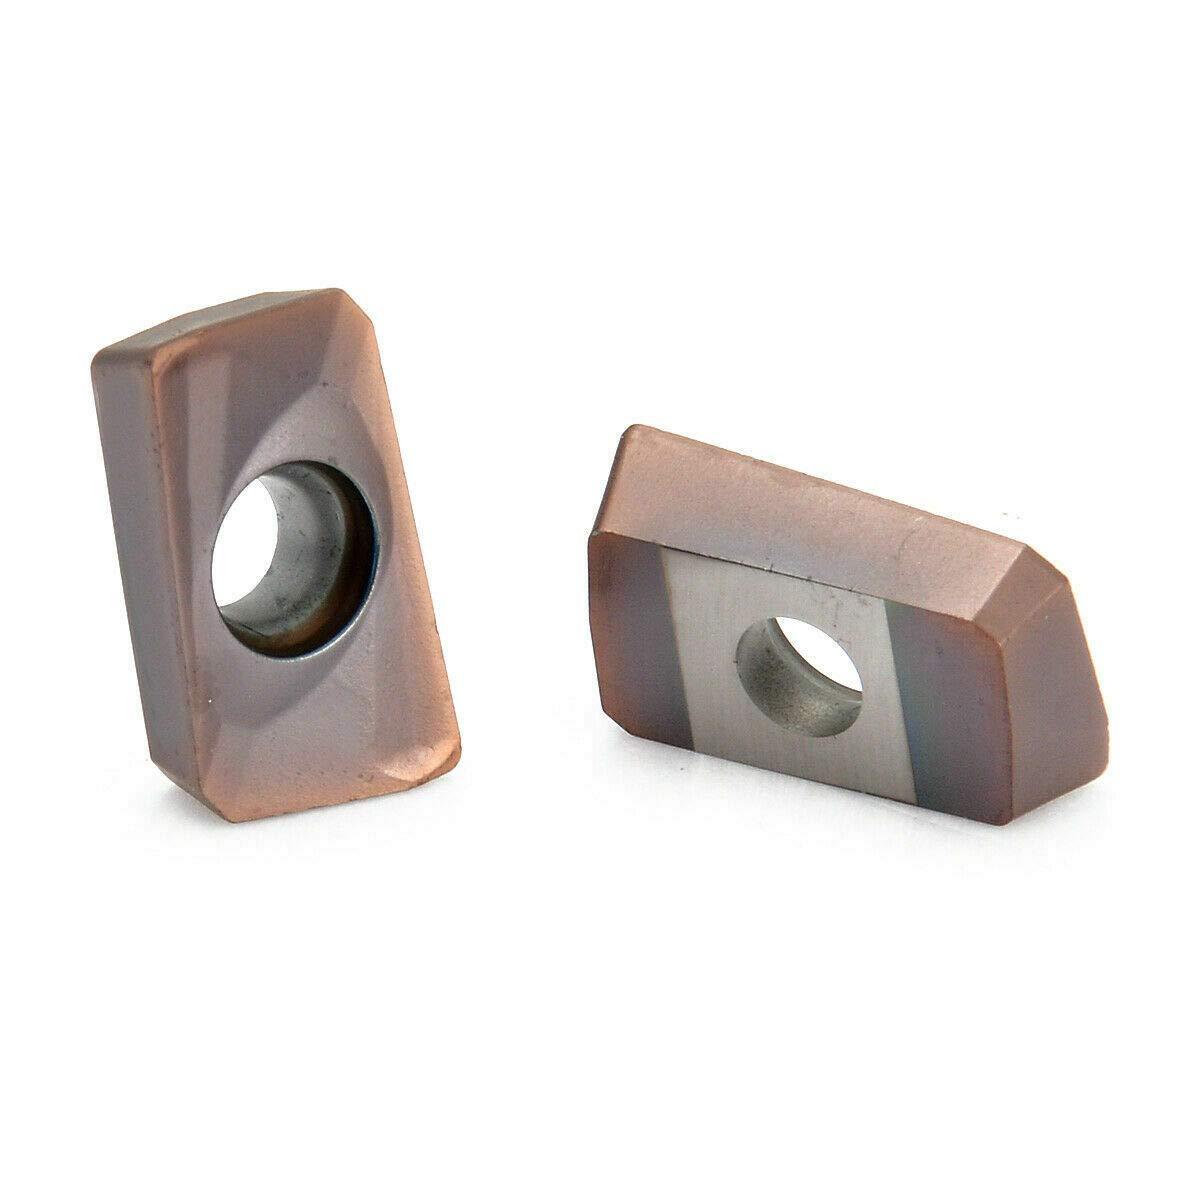 10pcs Apmt1604pder-h2 Carbide Inserts Apkt1604 25r0.8 Indexable Blades for sale online